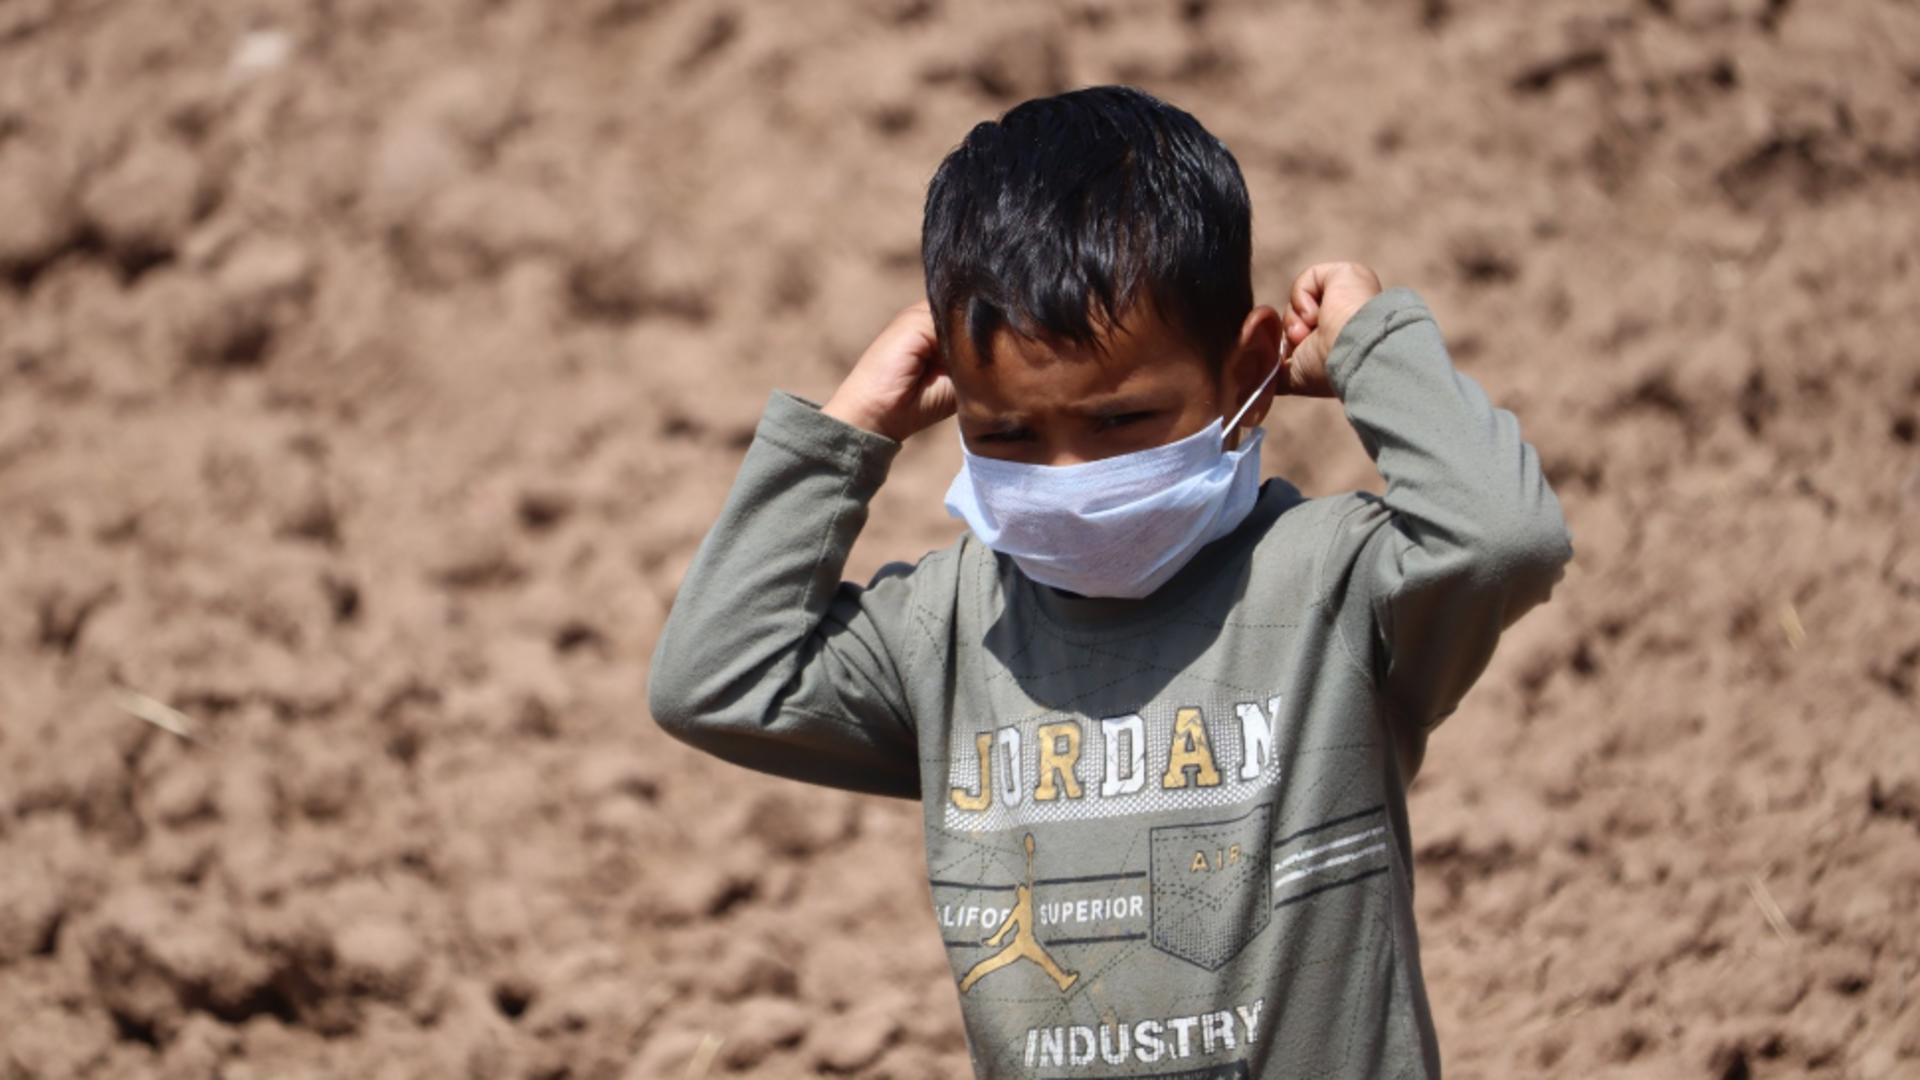 Medicii pediatri din India raportează tot mai multe cazuri ale unei afecţiuni grave / Foto: Inquam Photos